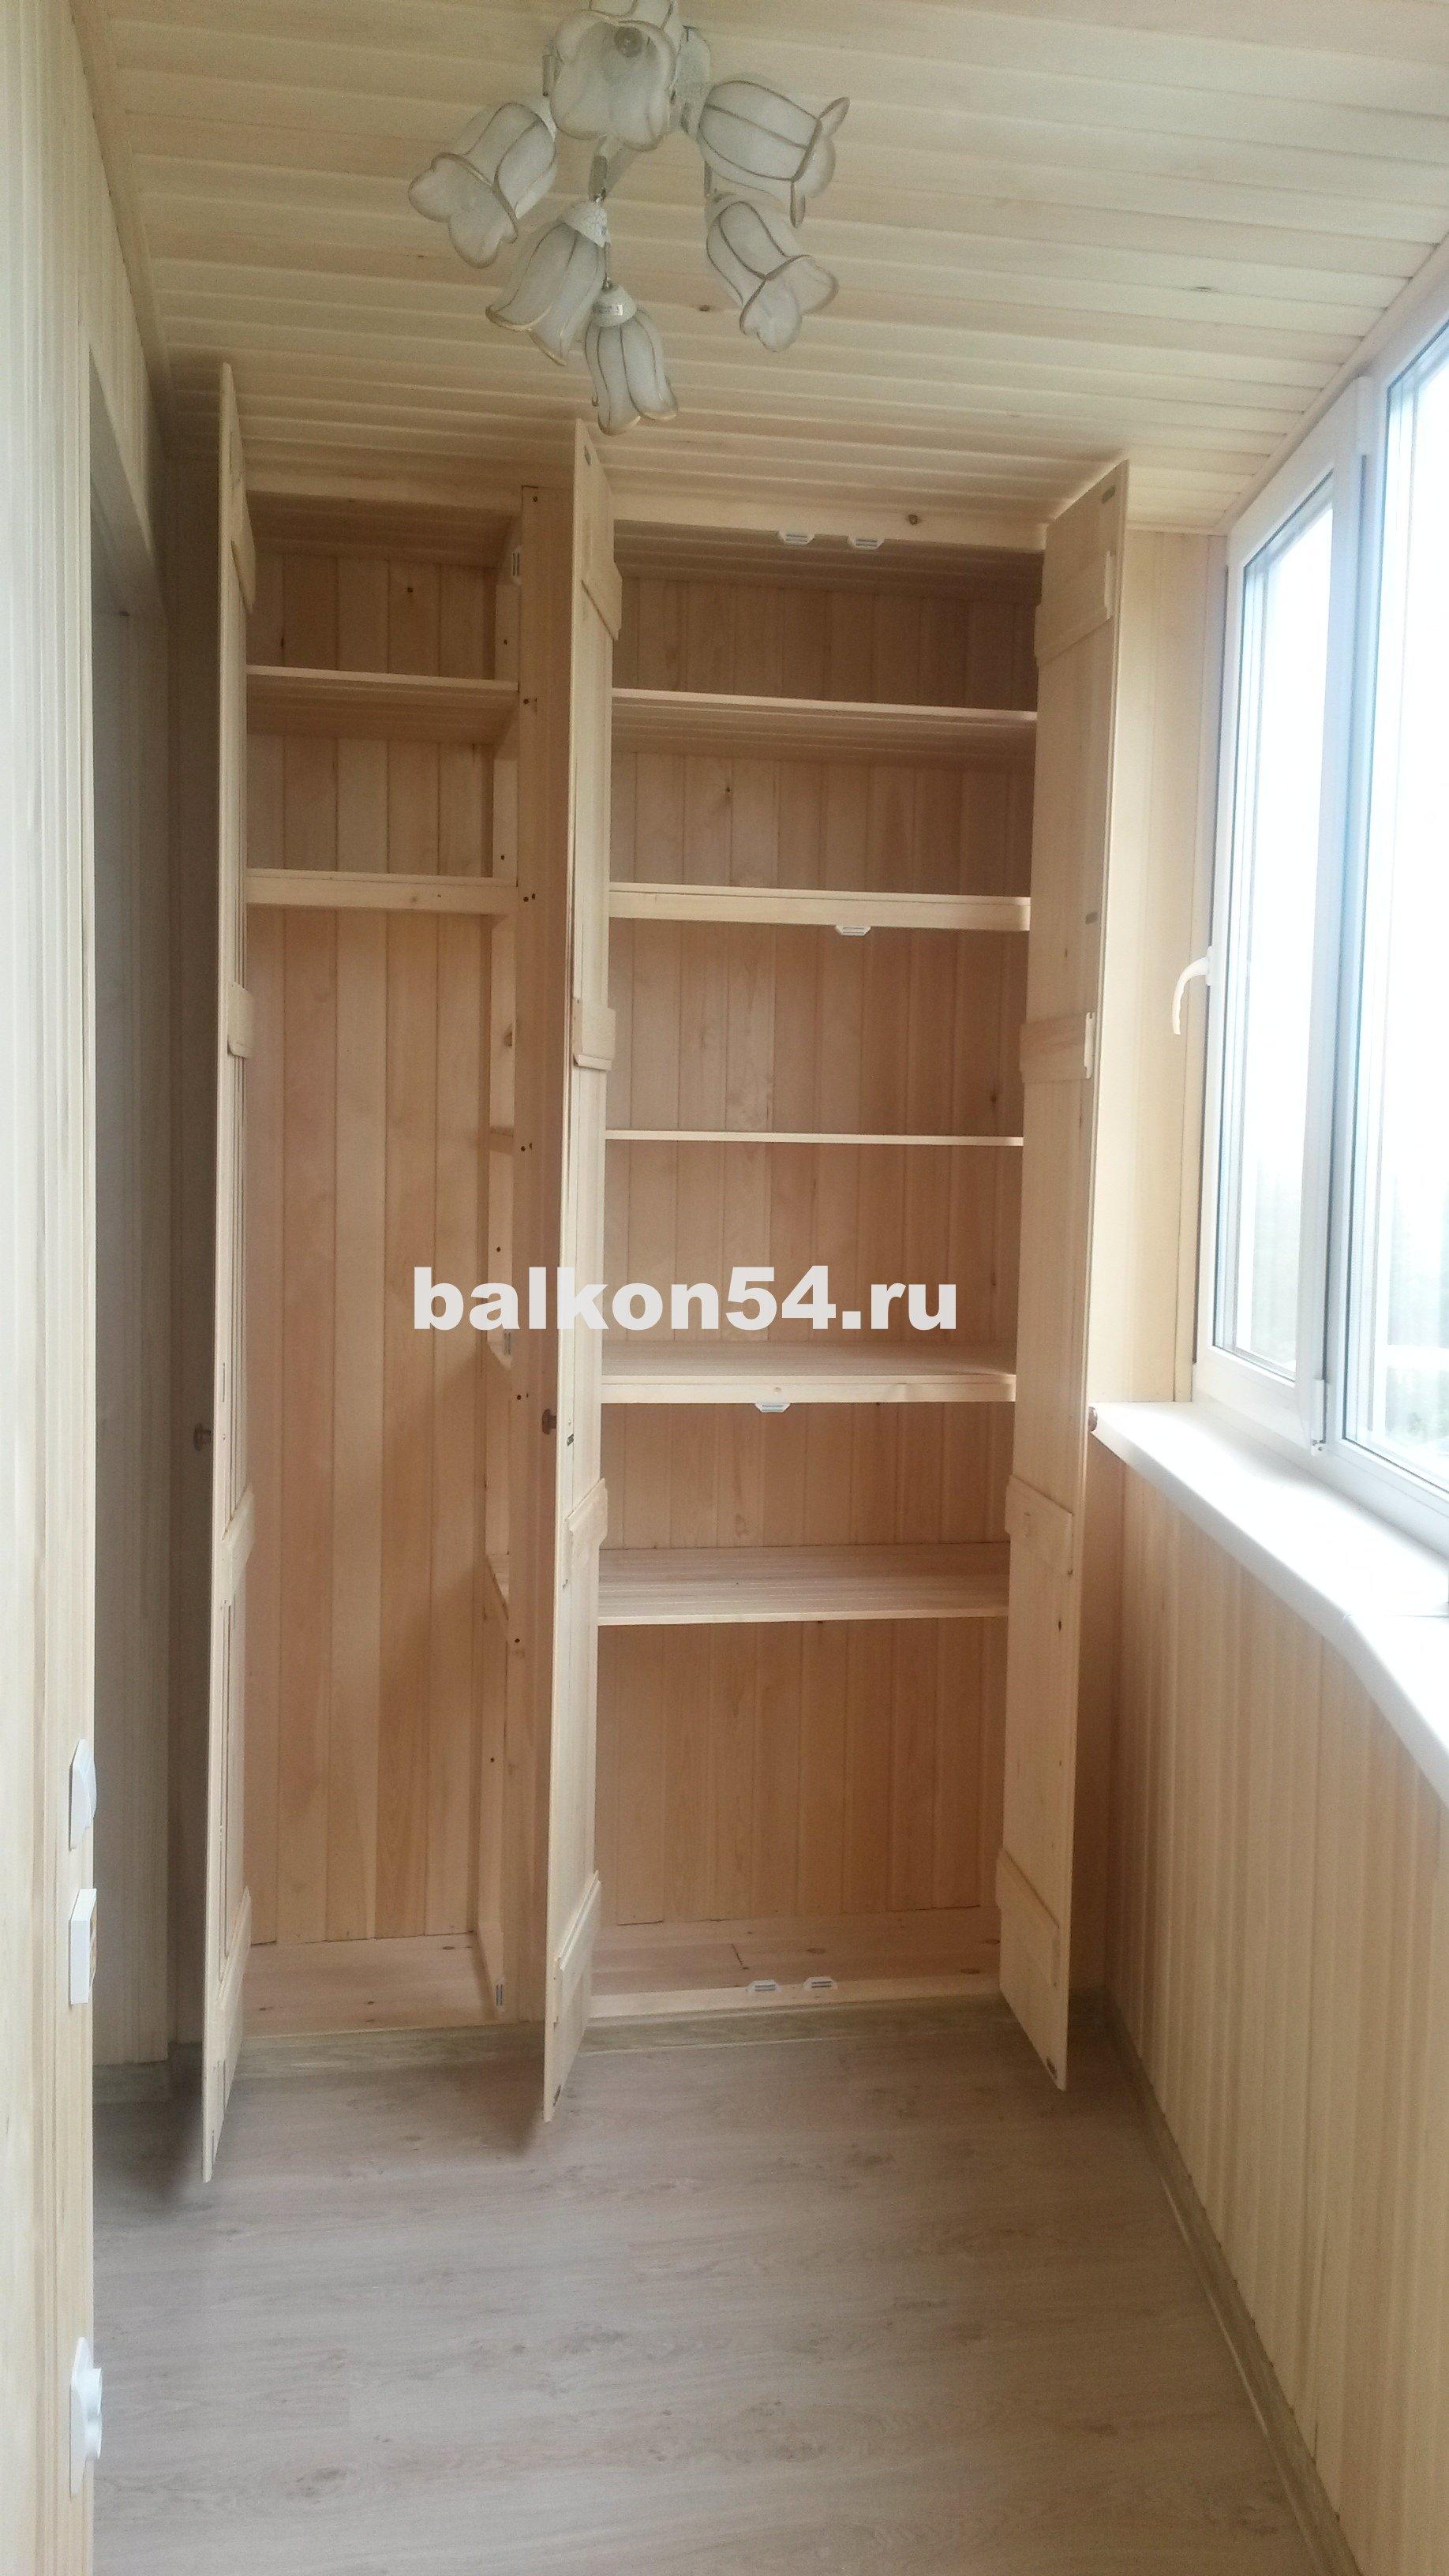 Отделка балконов внутри фото своими руками из простой доски